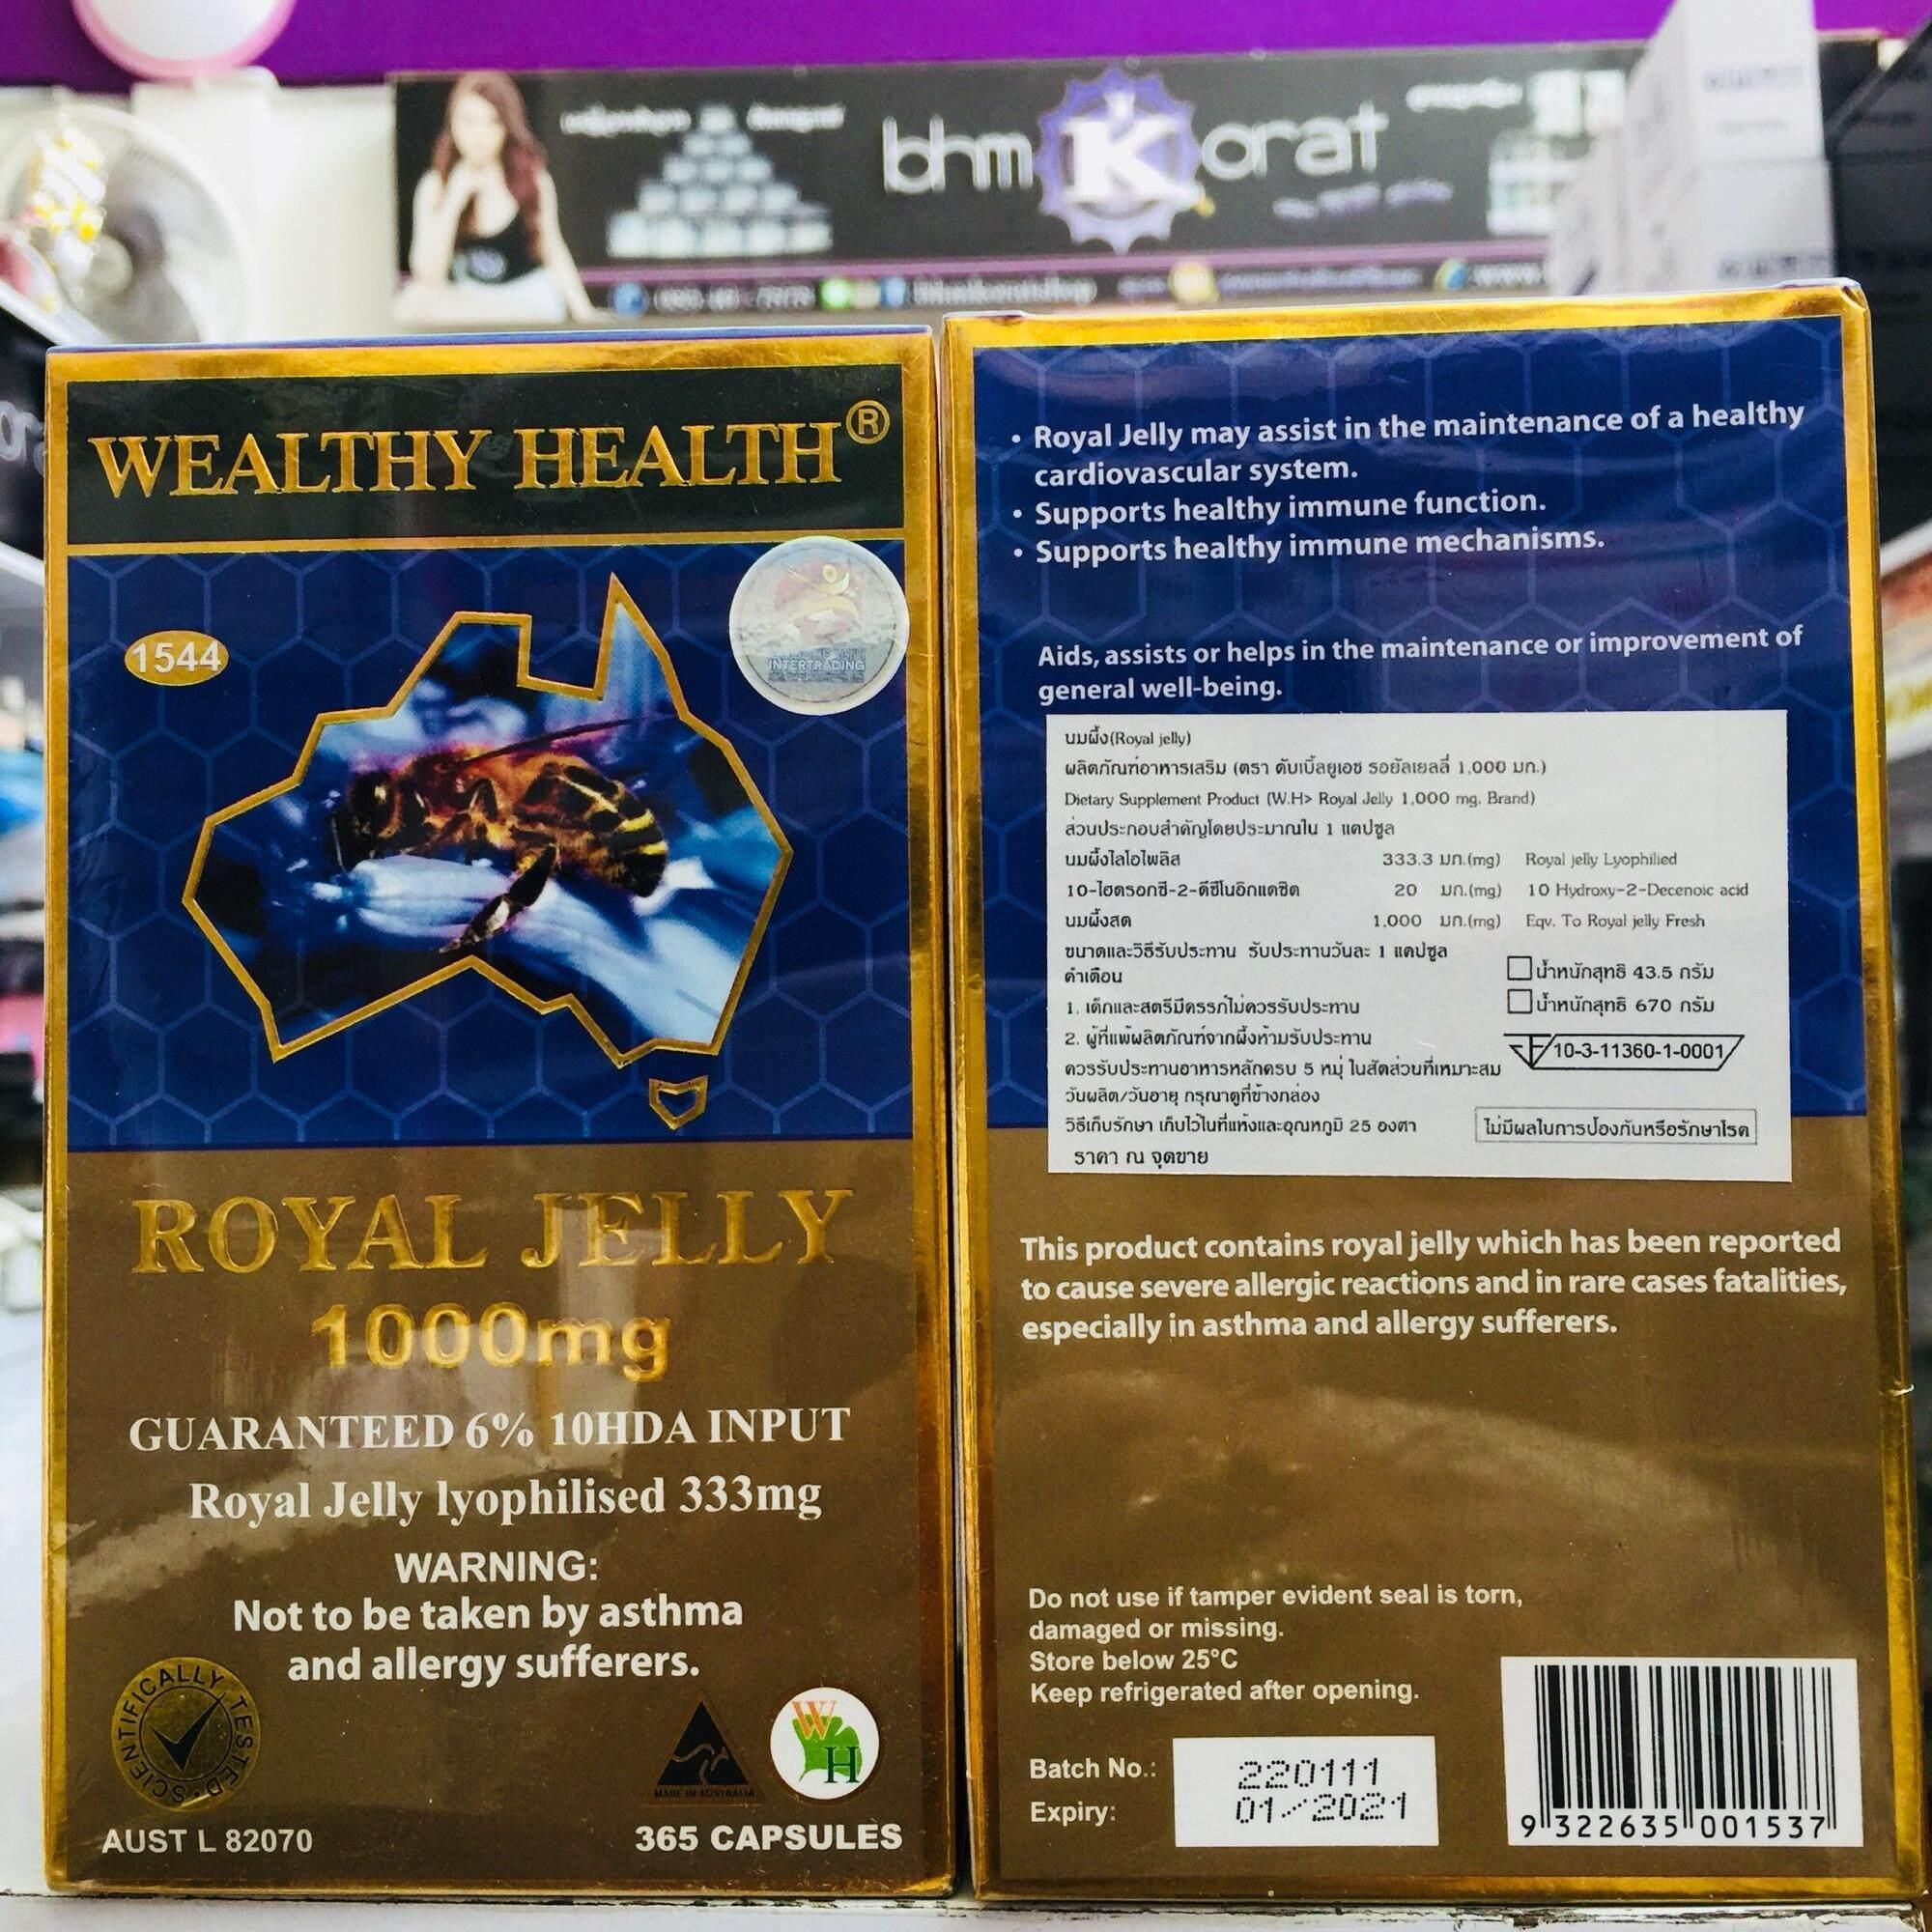 ขาย ซื้อ Wealthy Health นมผึ้งโดม Wealthy Health Royal Jelly 1000Mg 365 Capsules กรุงเทพมหานคร